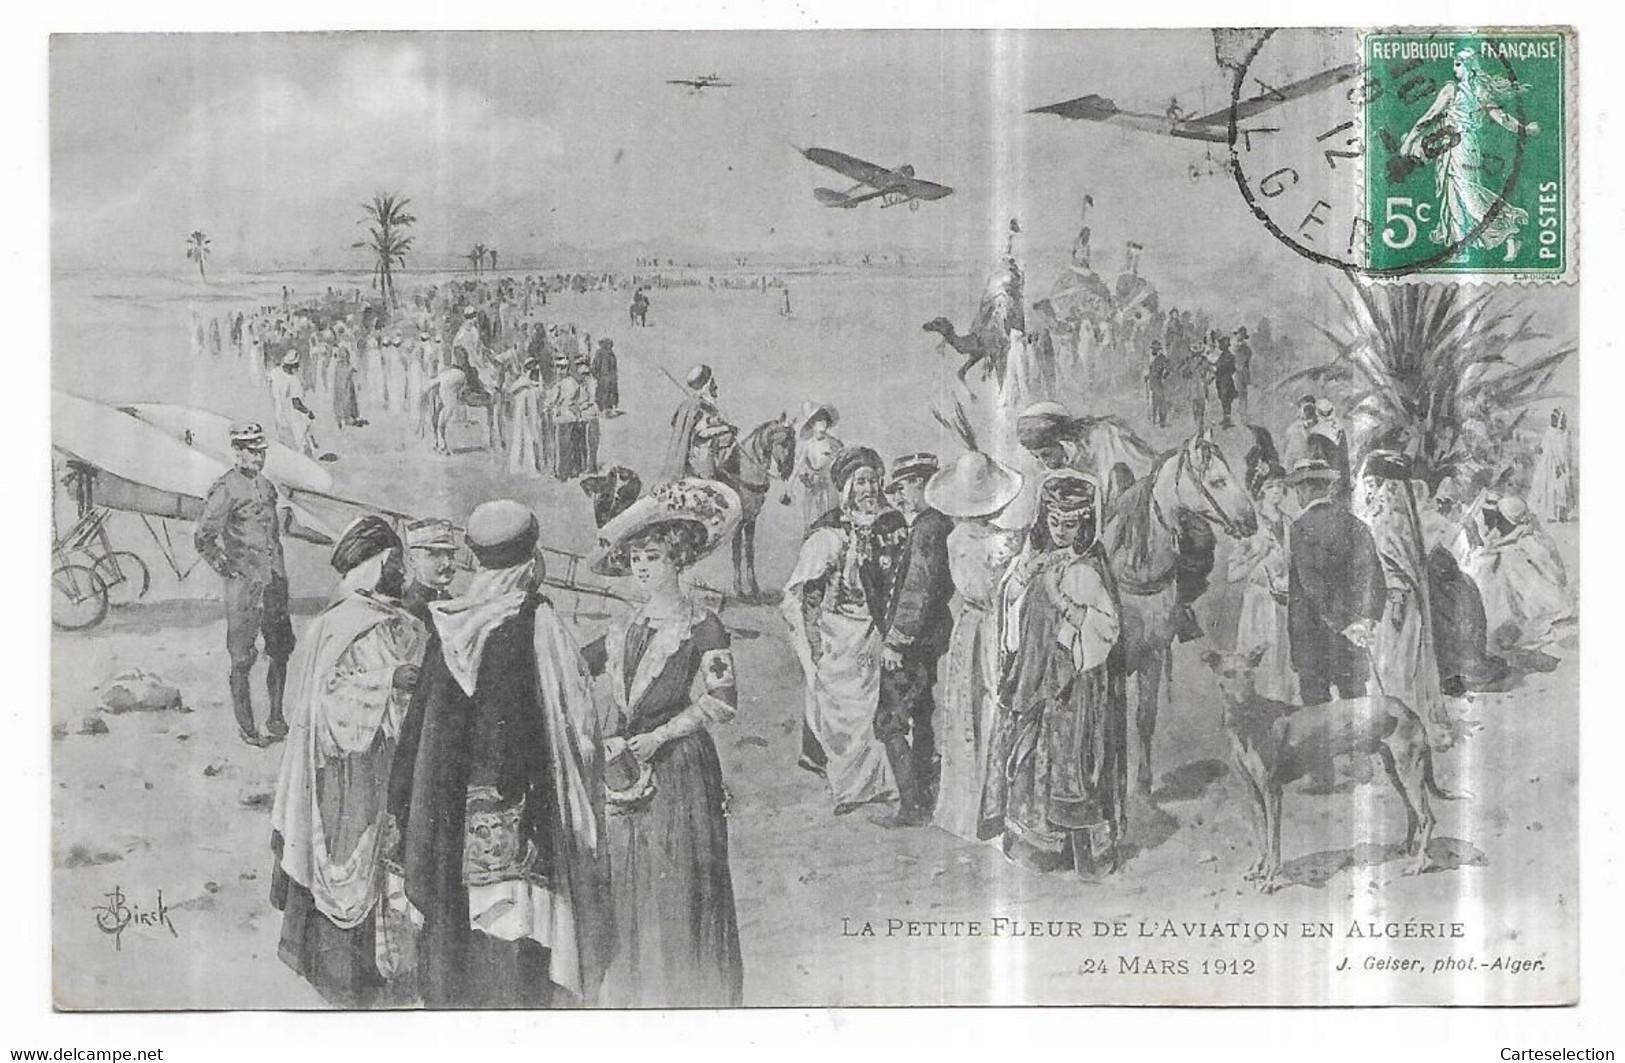 Alger La Petite Fleur De L' Aviation En Algérie 24 Mars 1912 J. Geiser, Phot.-Alger Illustrateur A. Birck - Algeri